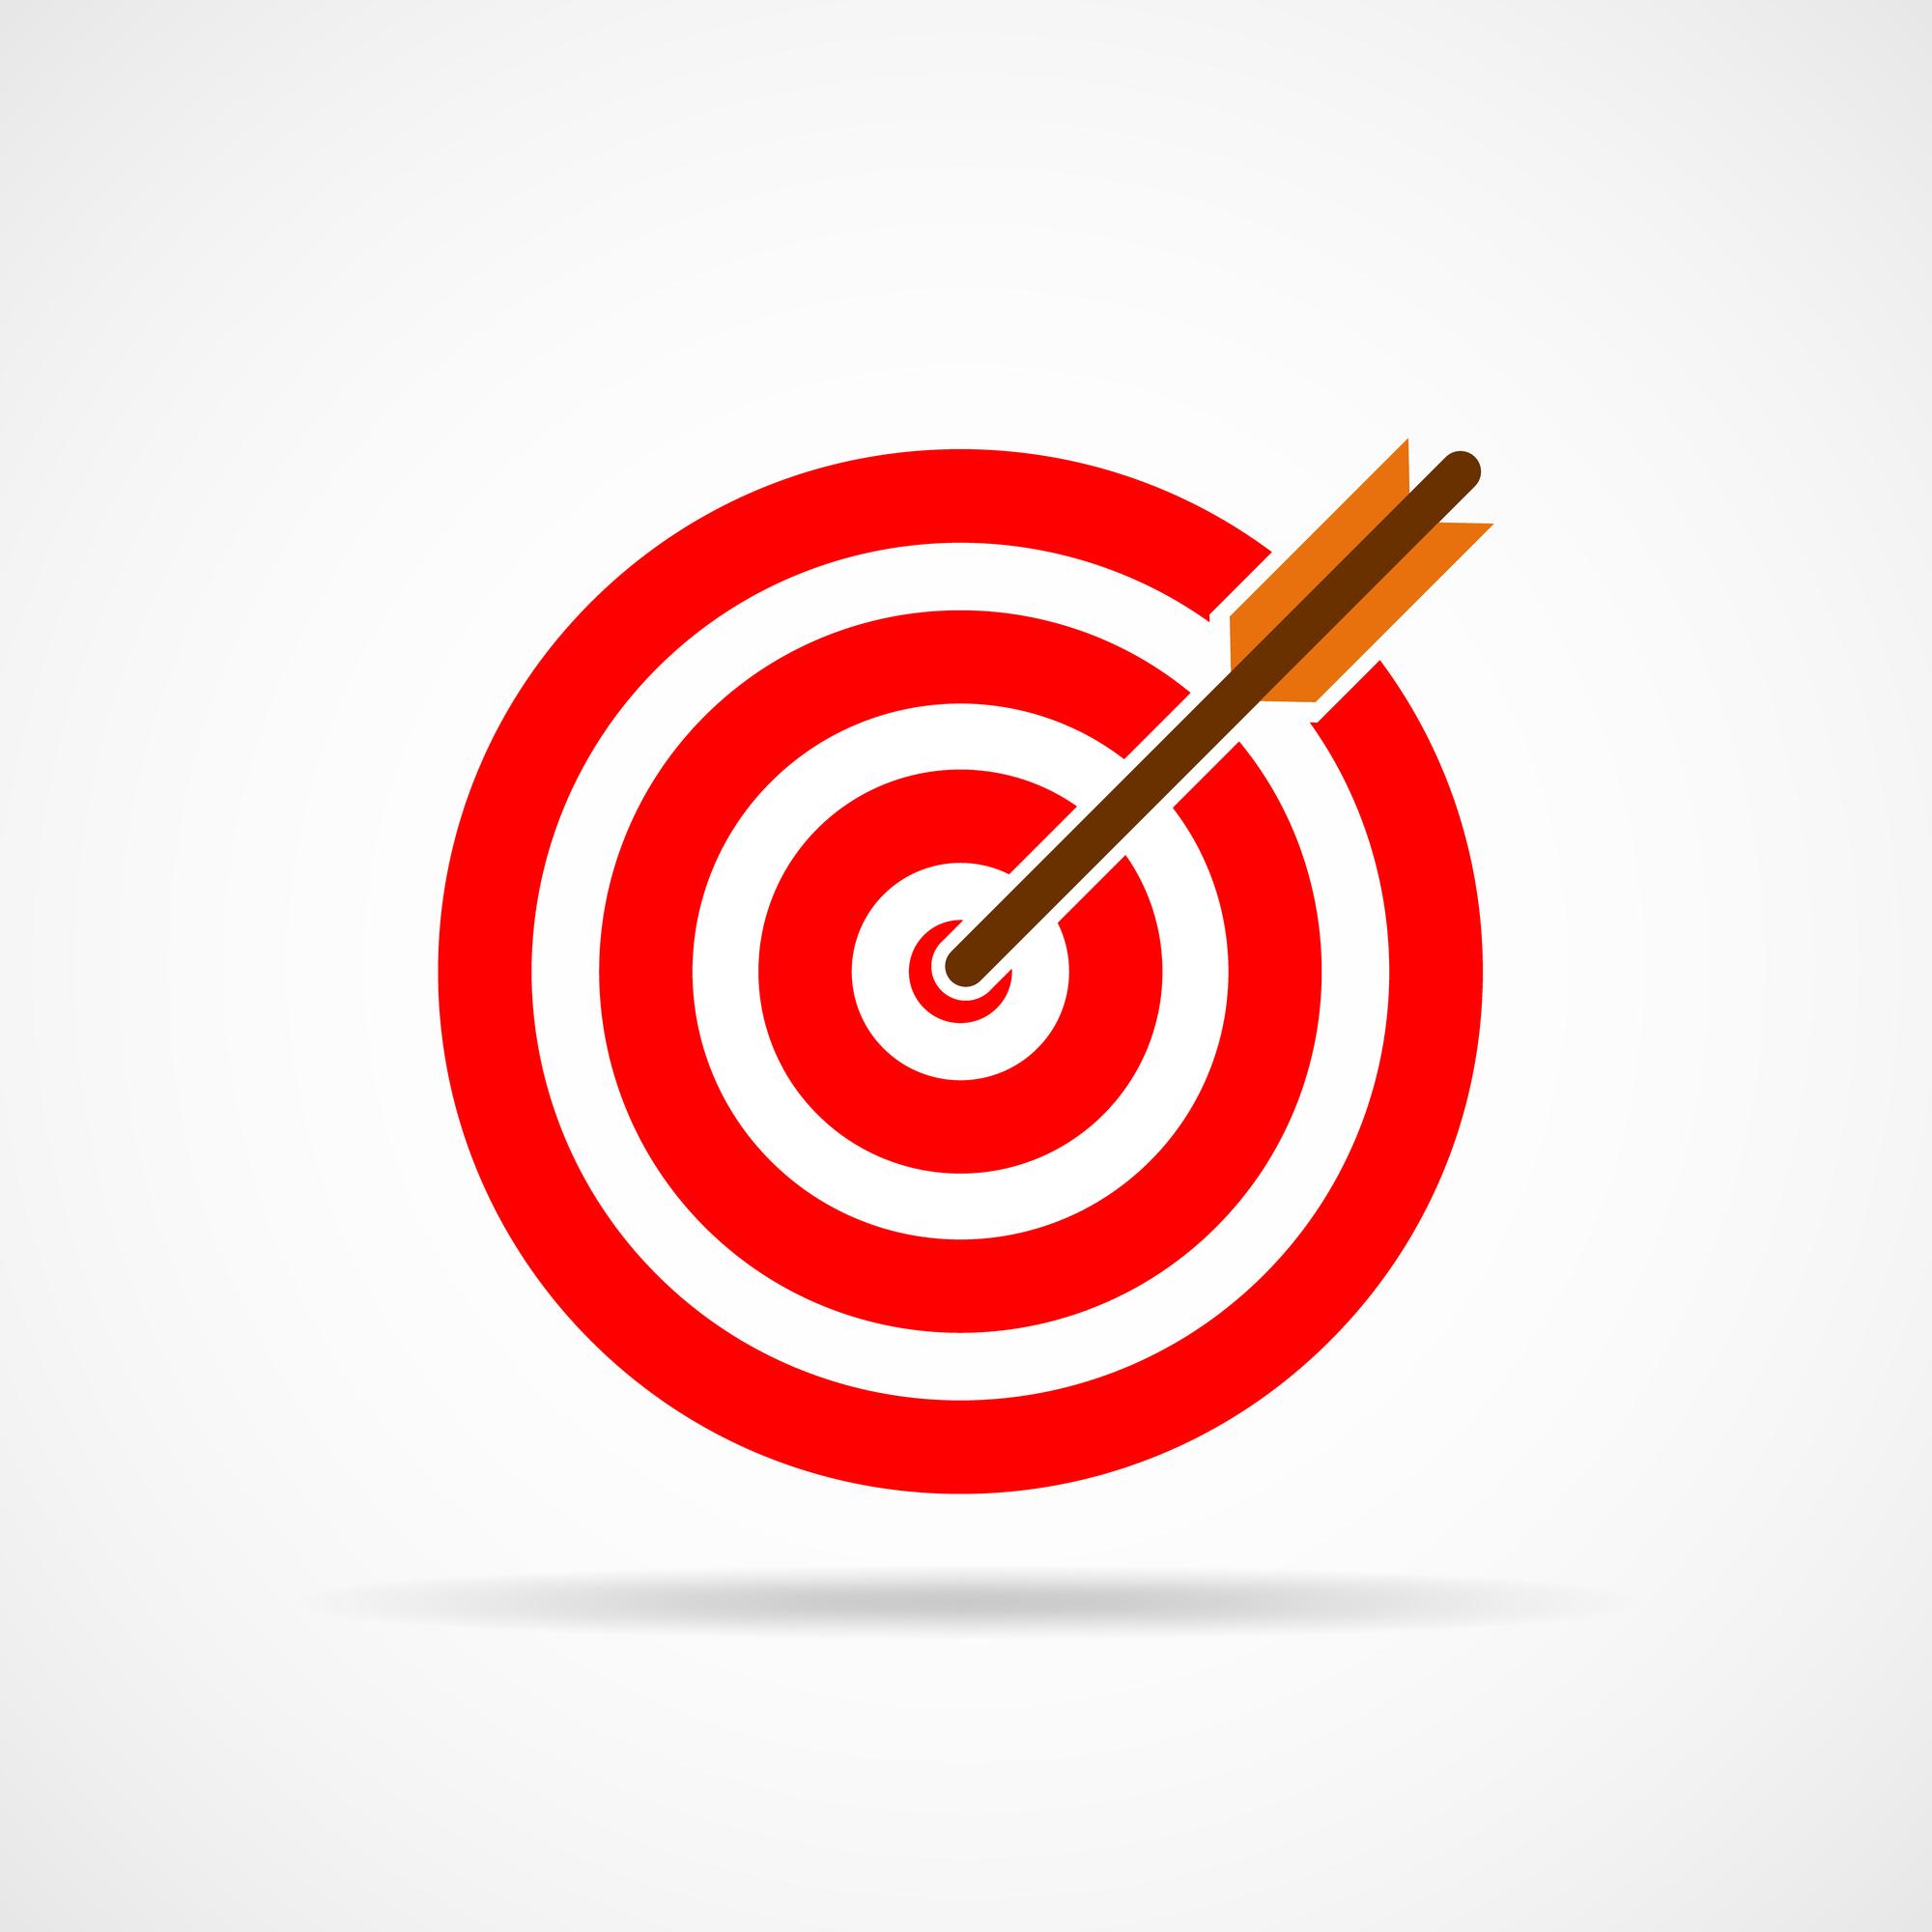 Ein Pfeil trifft sein Ziel. Rote Zielscheibe mit Pfeil